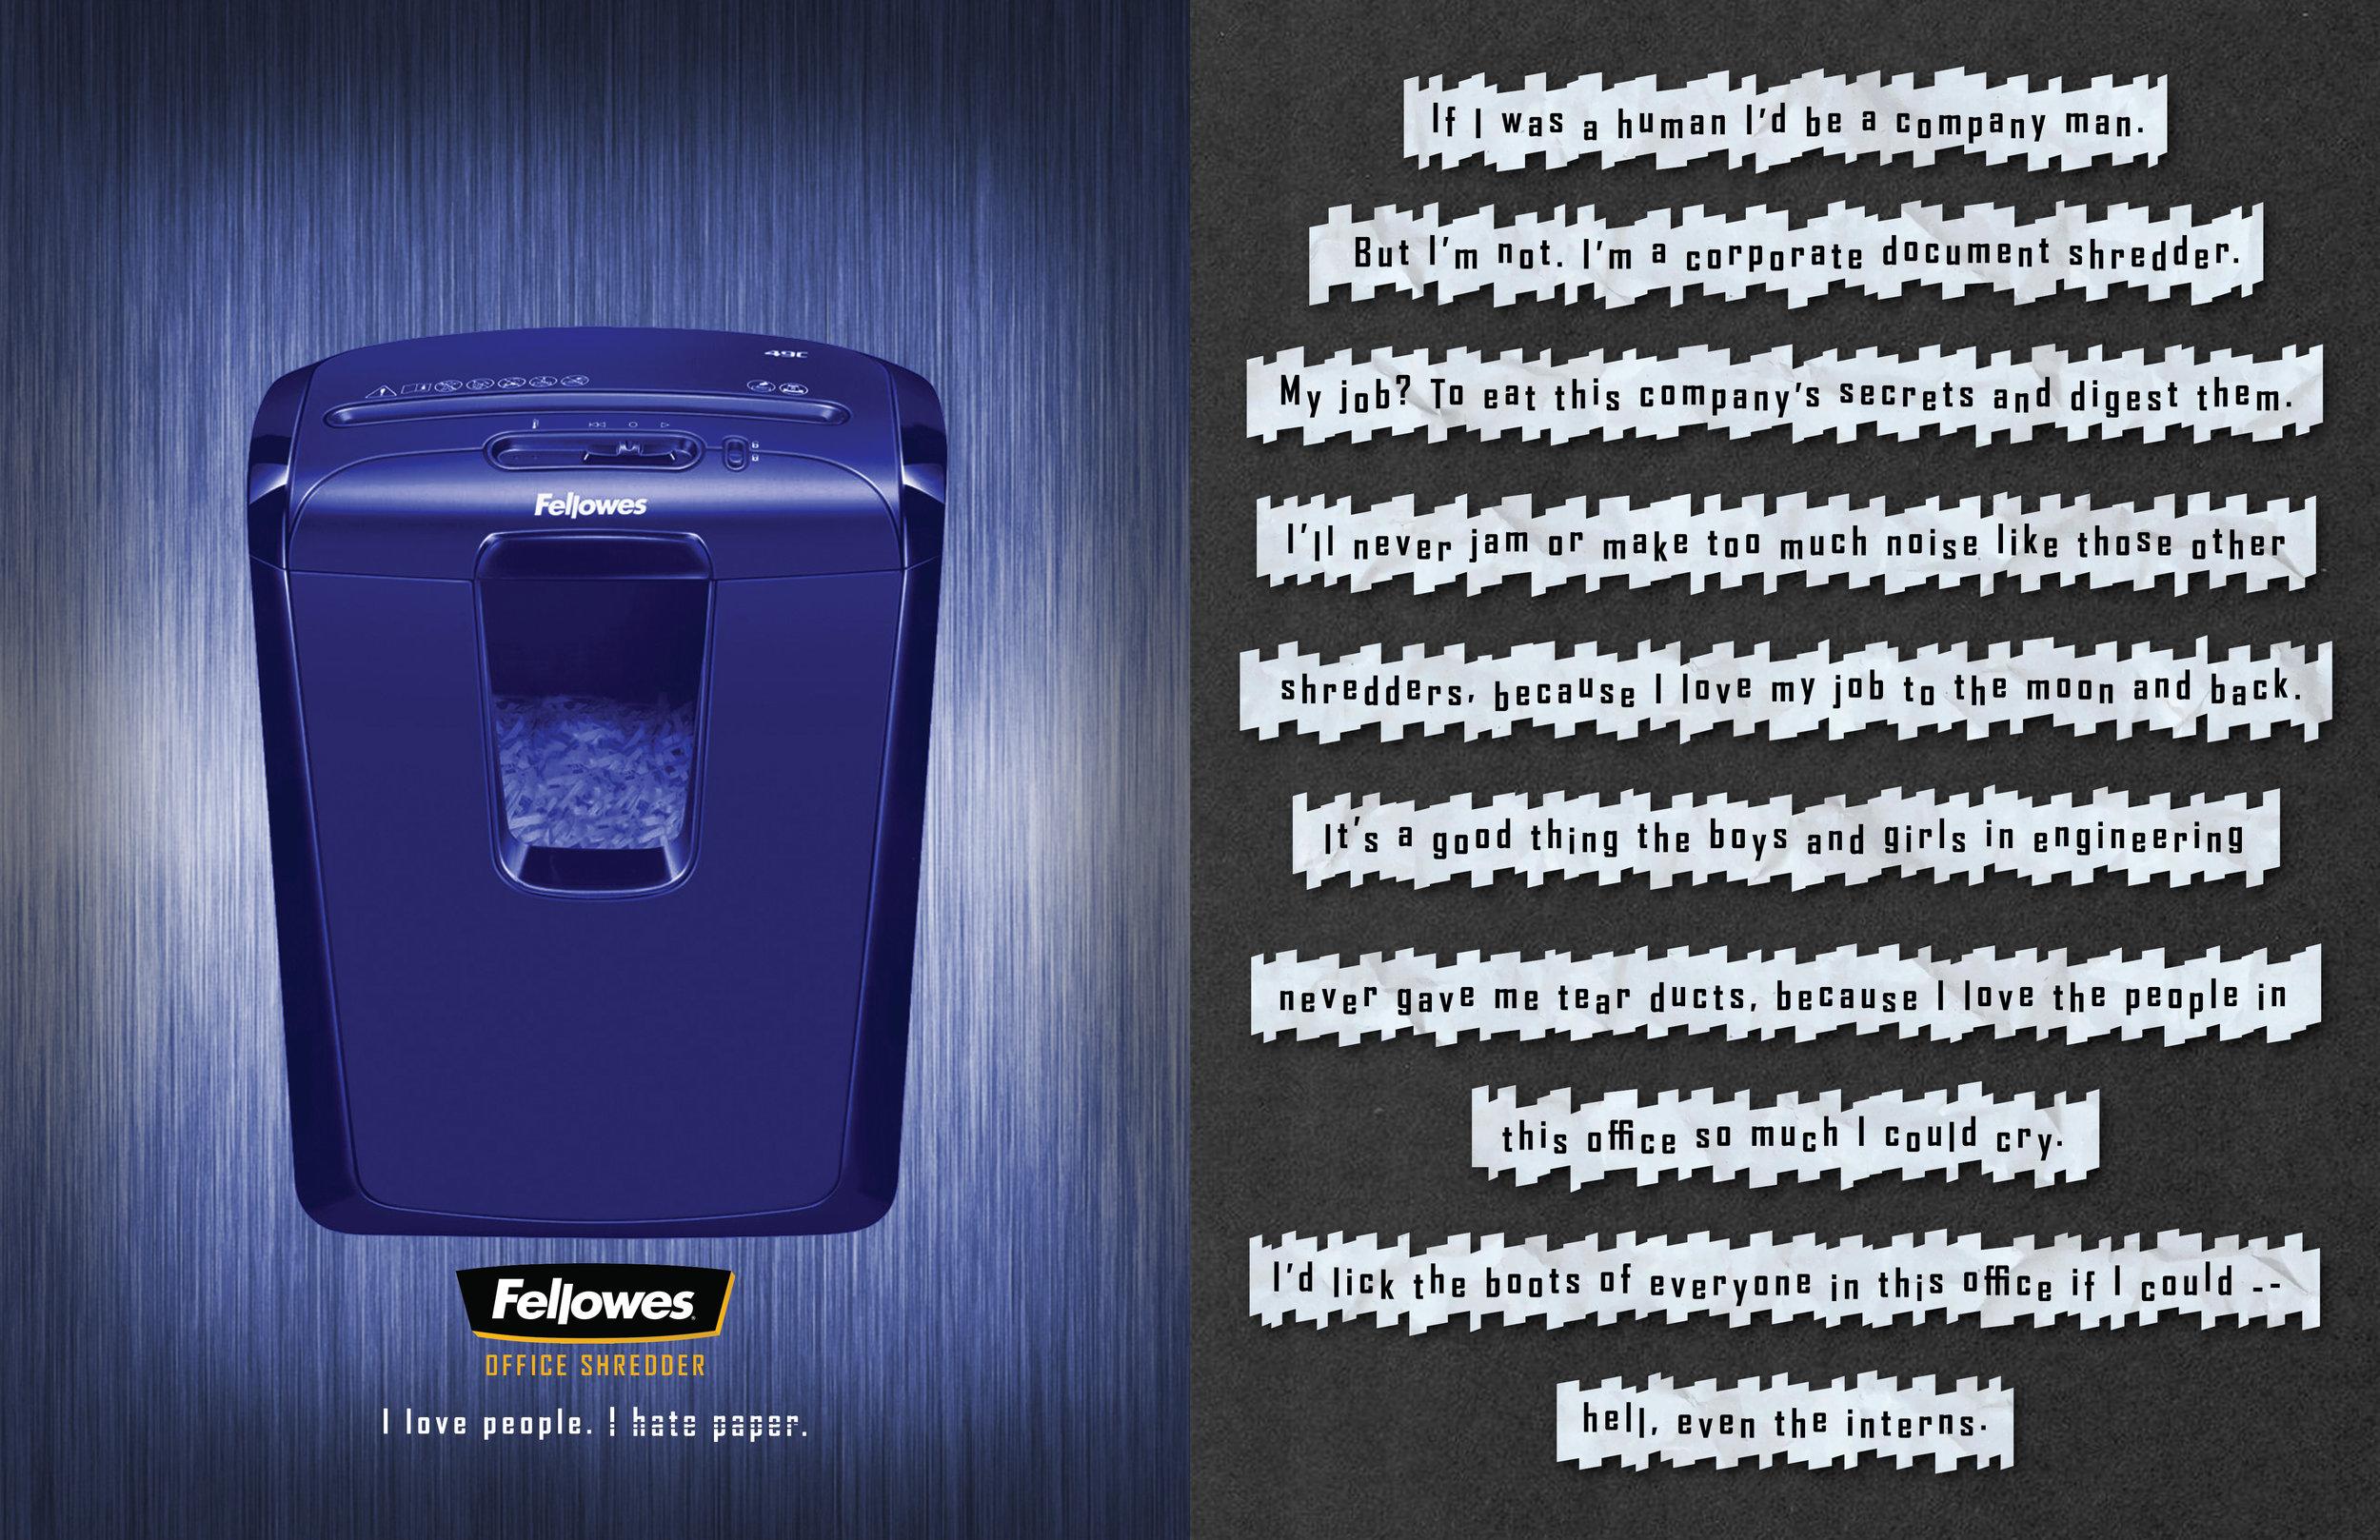 Fellowes Print3-01.jpg